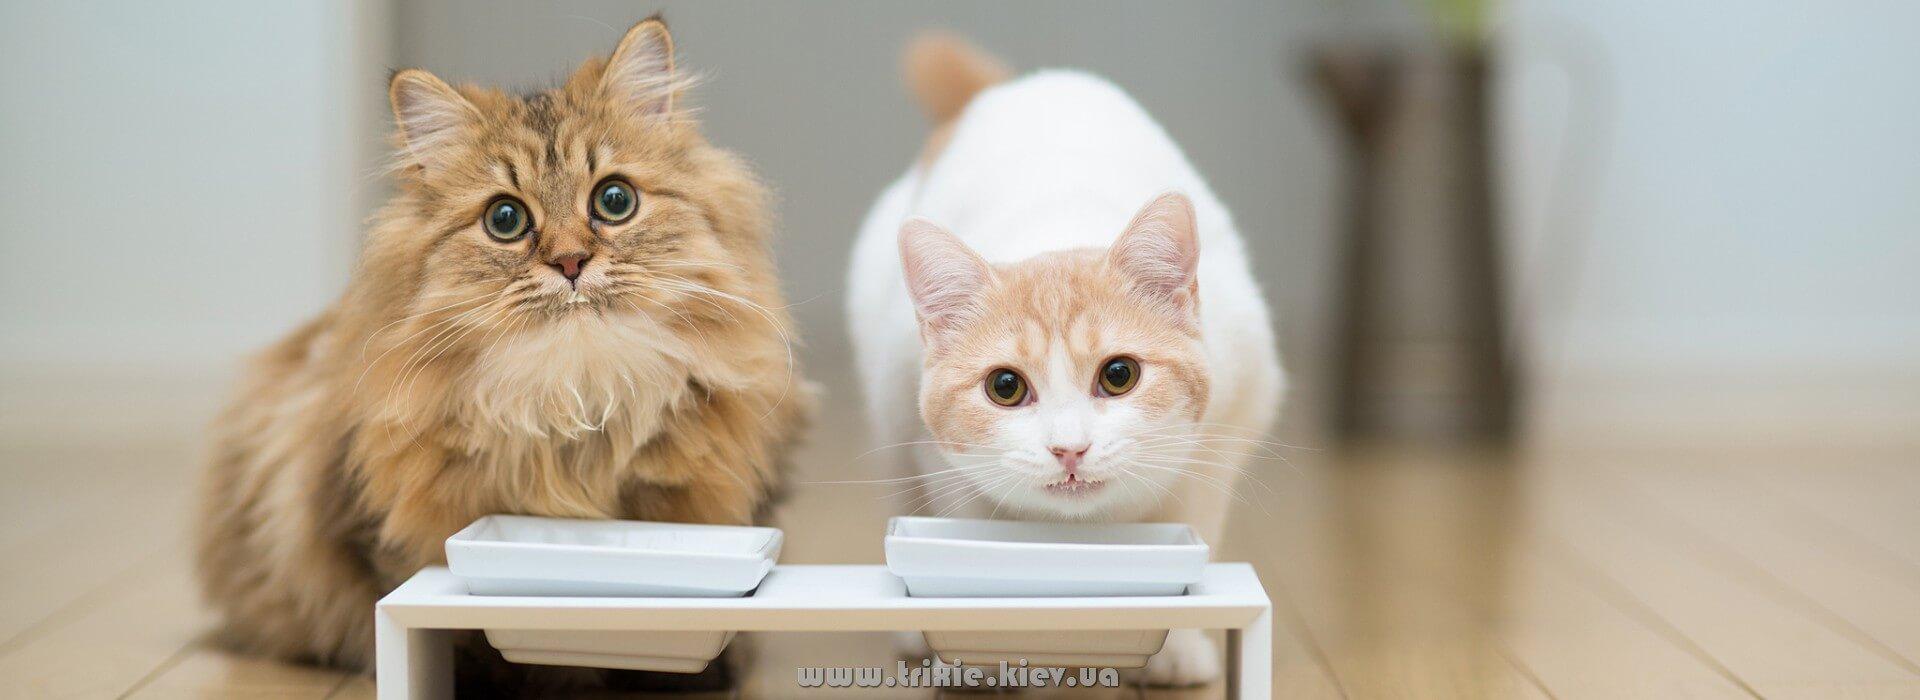 Милые кошки Дейзи и Ханна любят зоотовары торговой марки Trixie